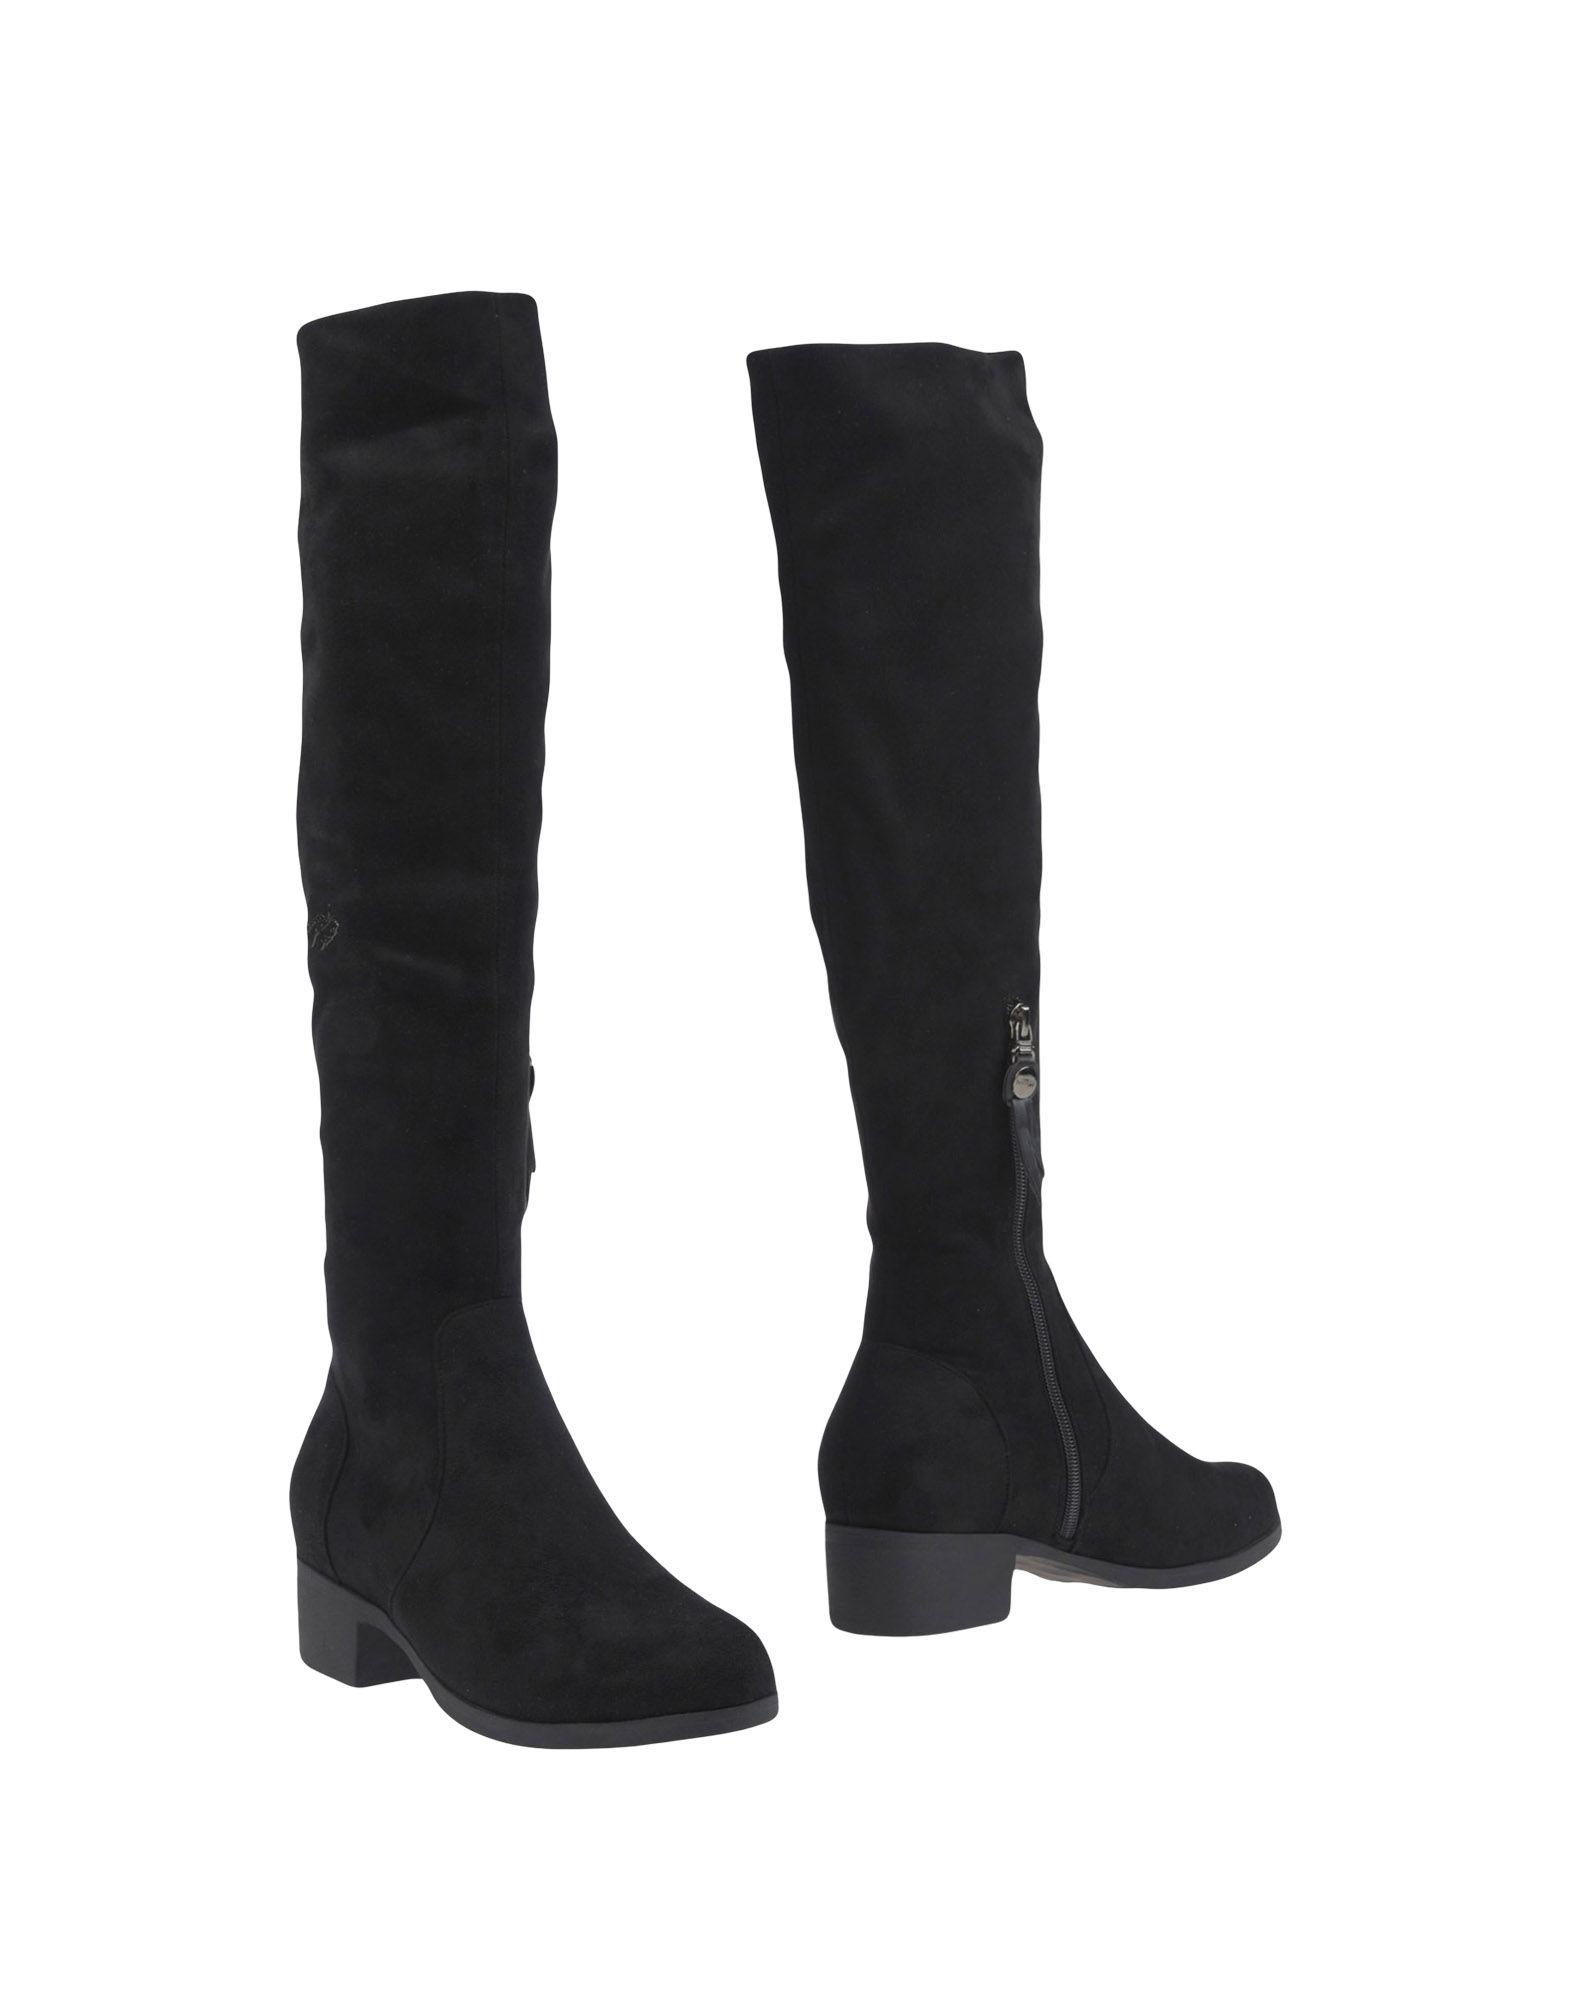 Tua By Braccialini Stiefel Damen  11266815EQ Gute Qualität beliebte Schuhe